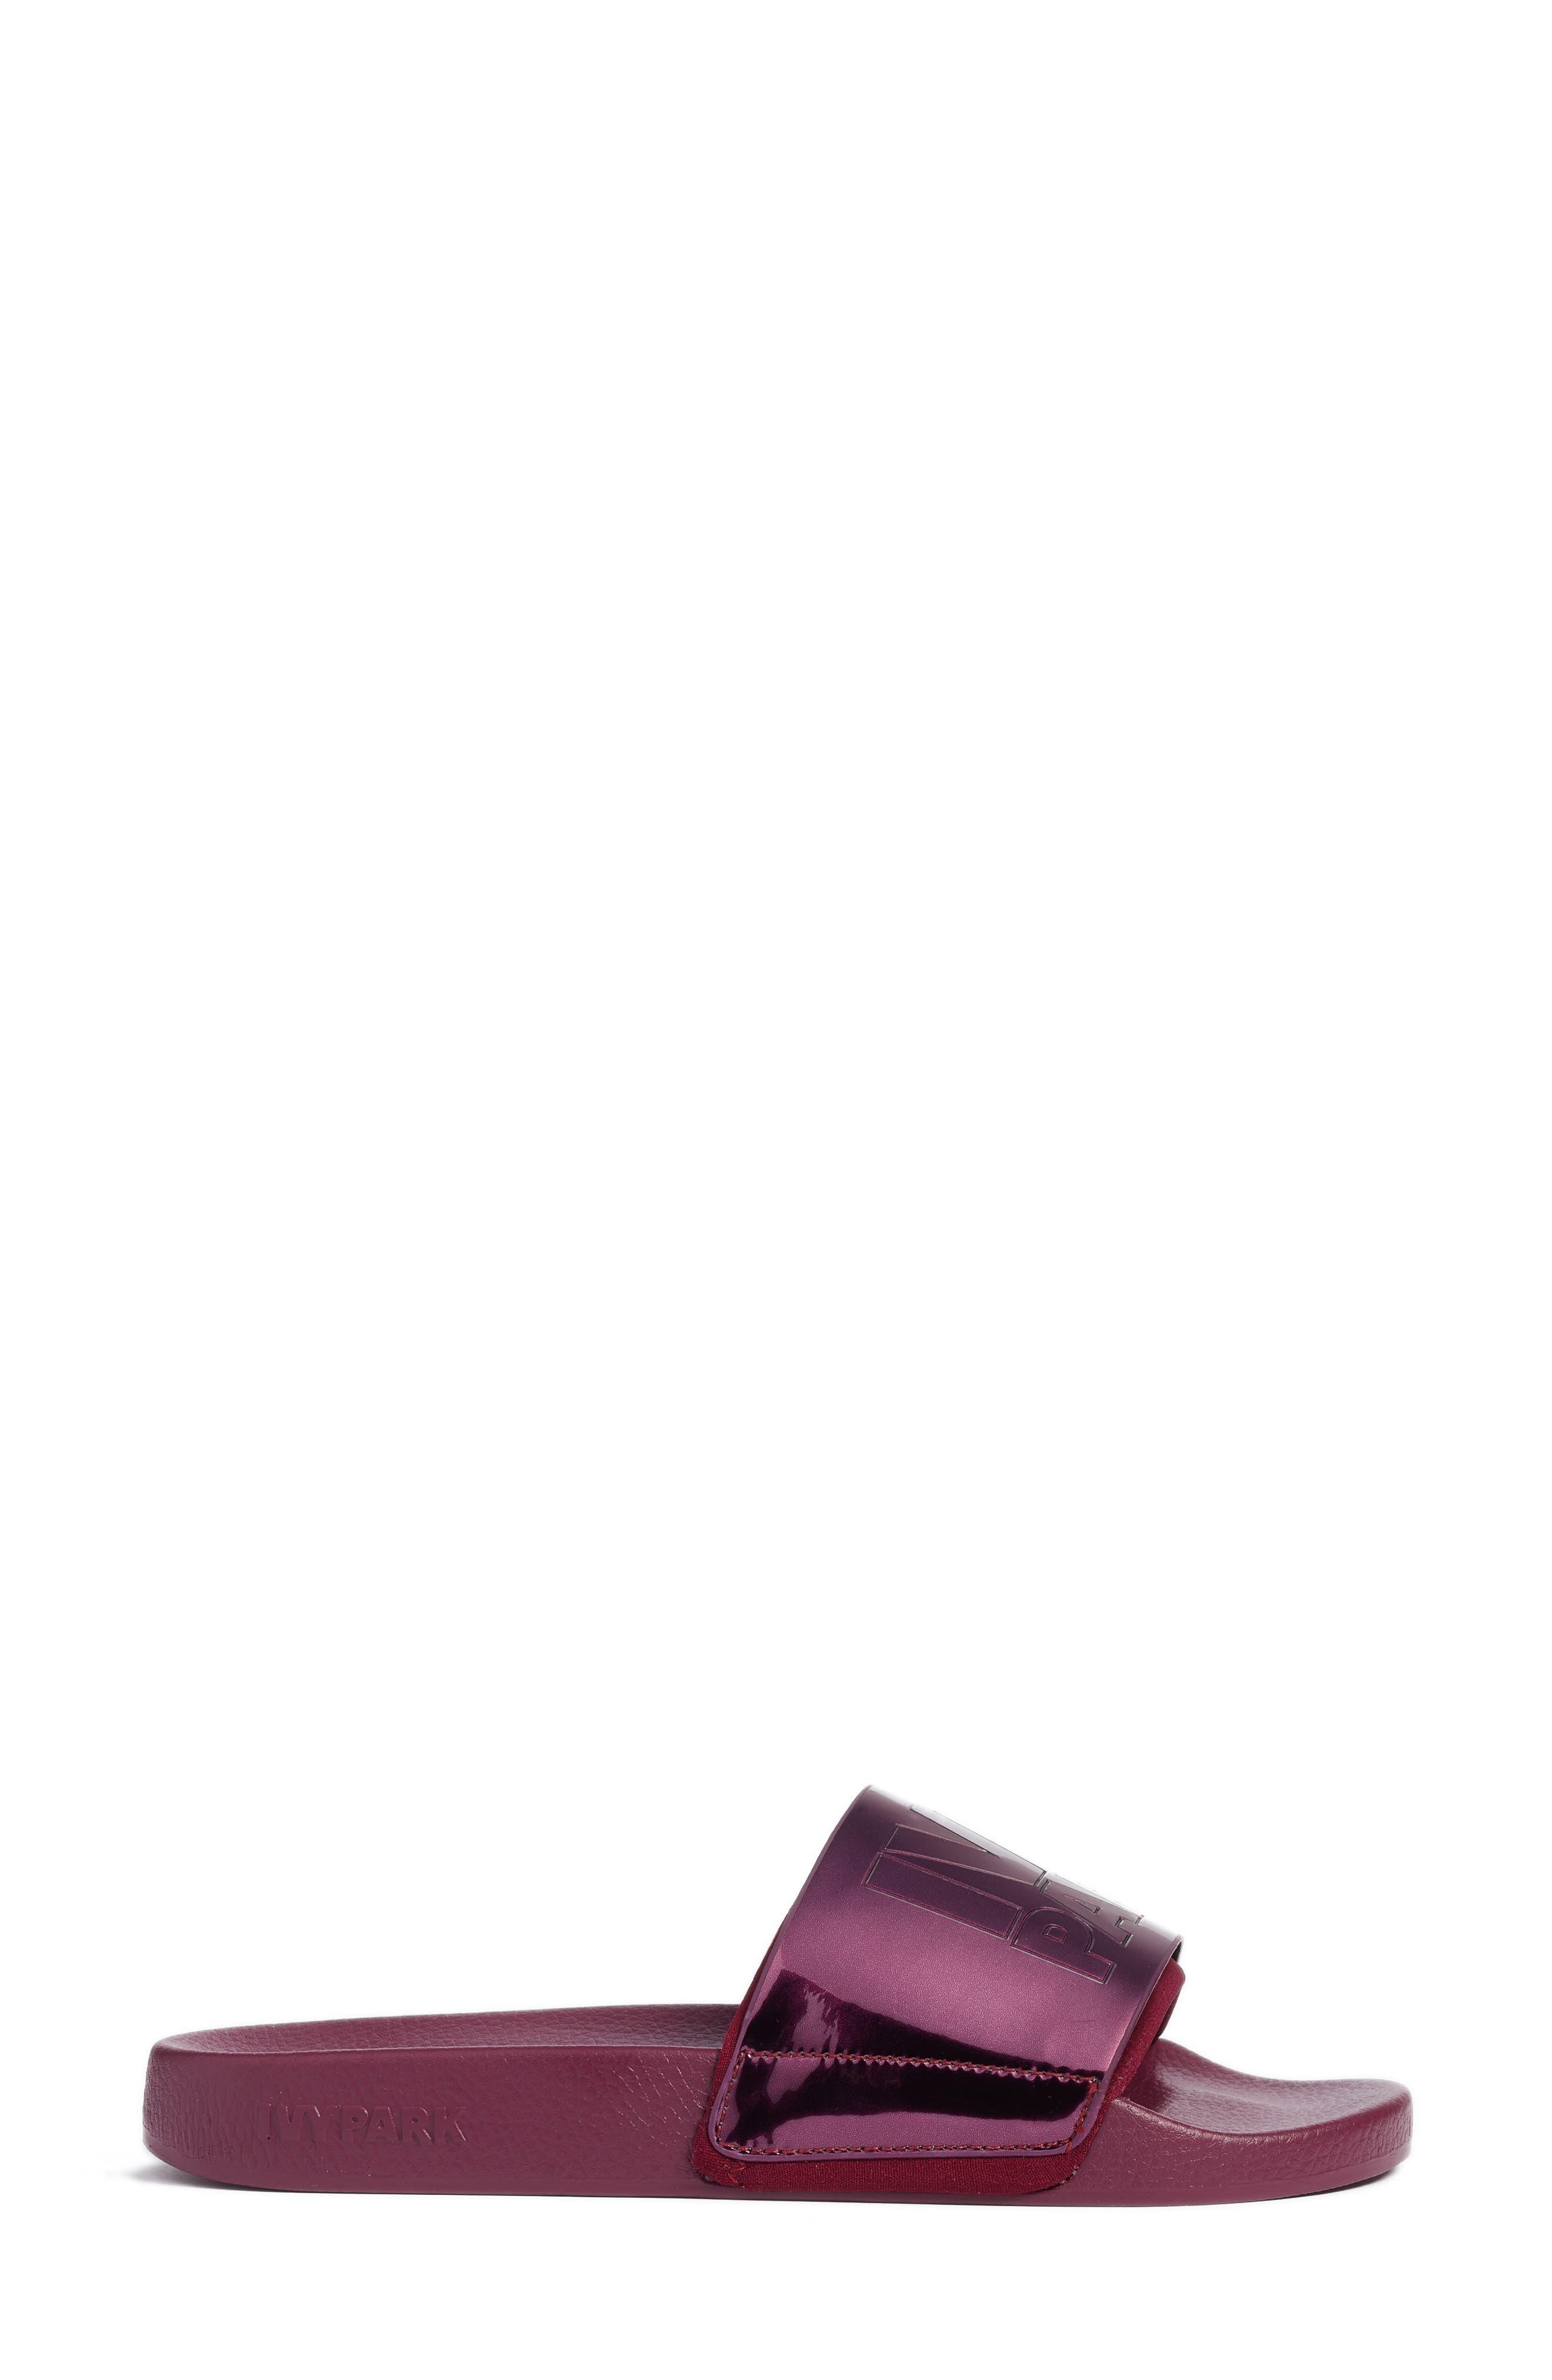 Slide Sandal,                             Alternate thumbnail 3, color,                             Plum